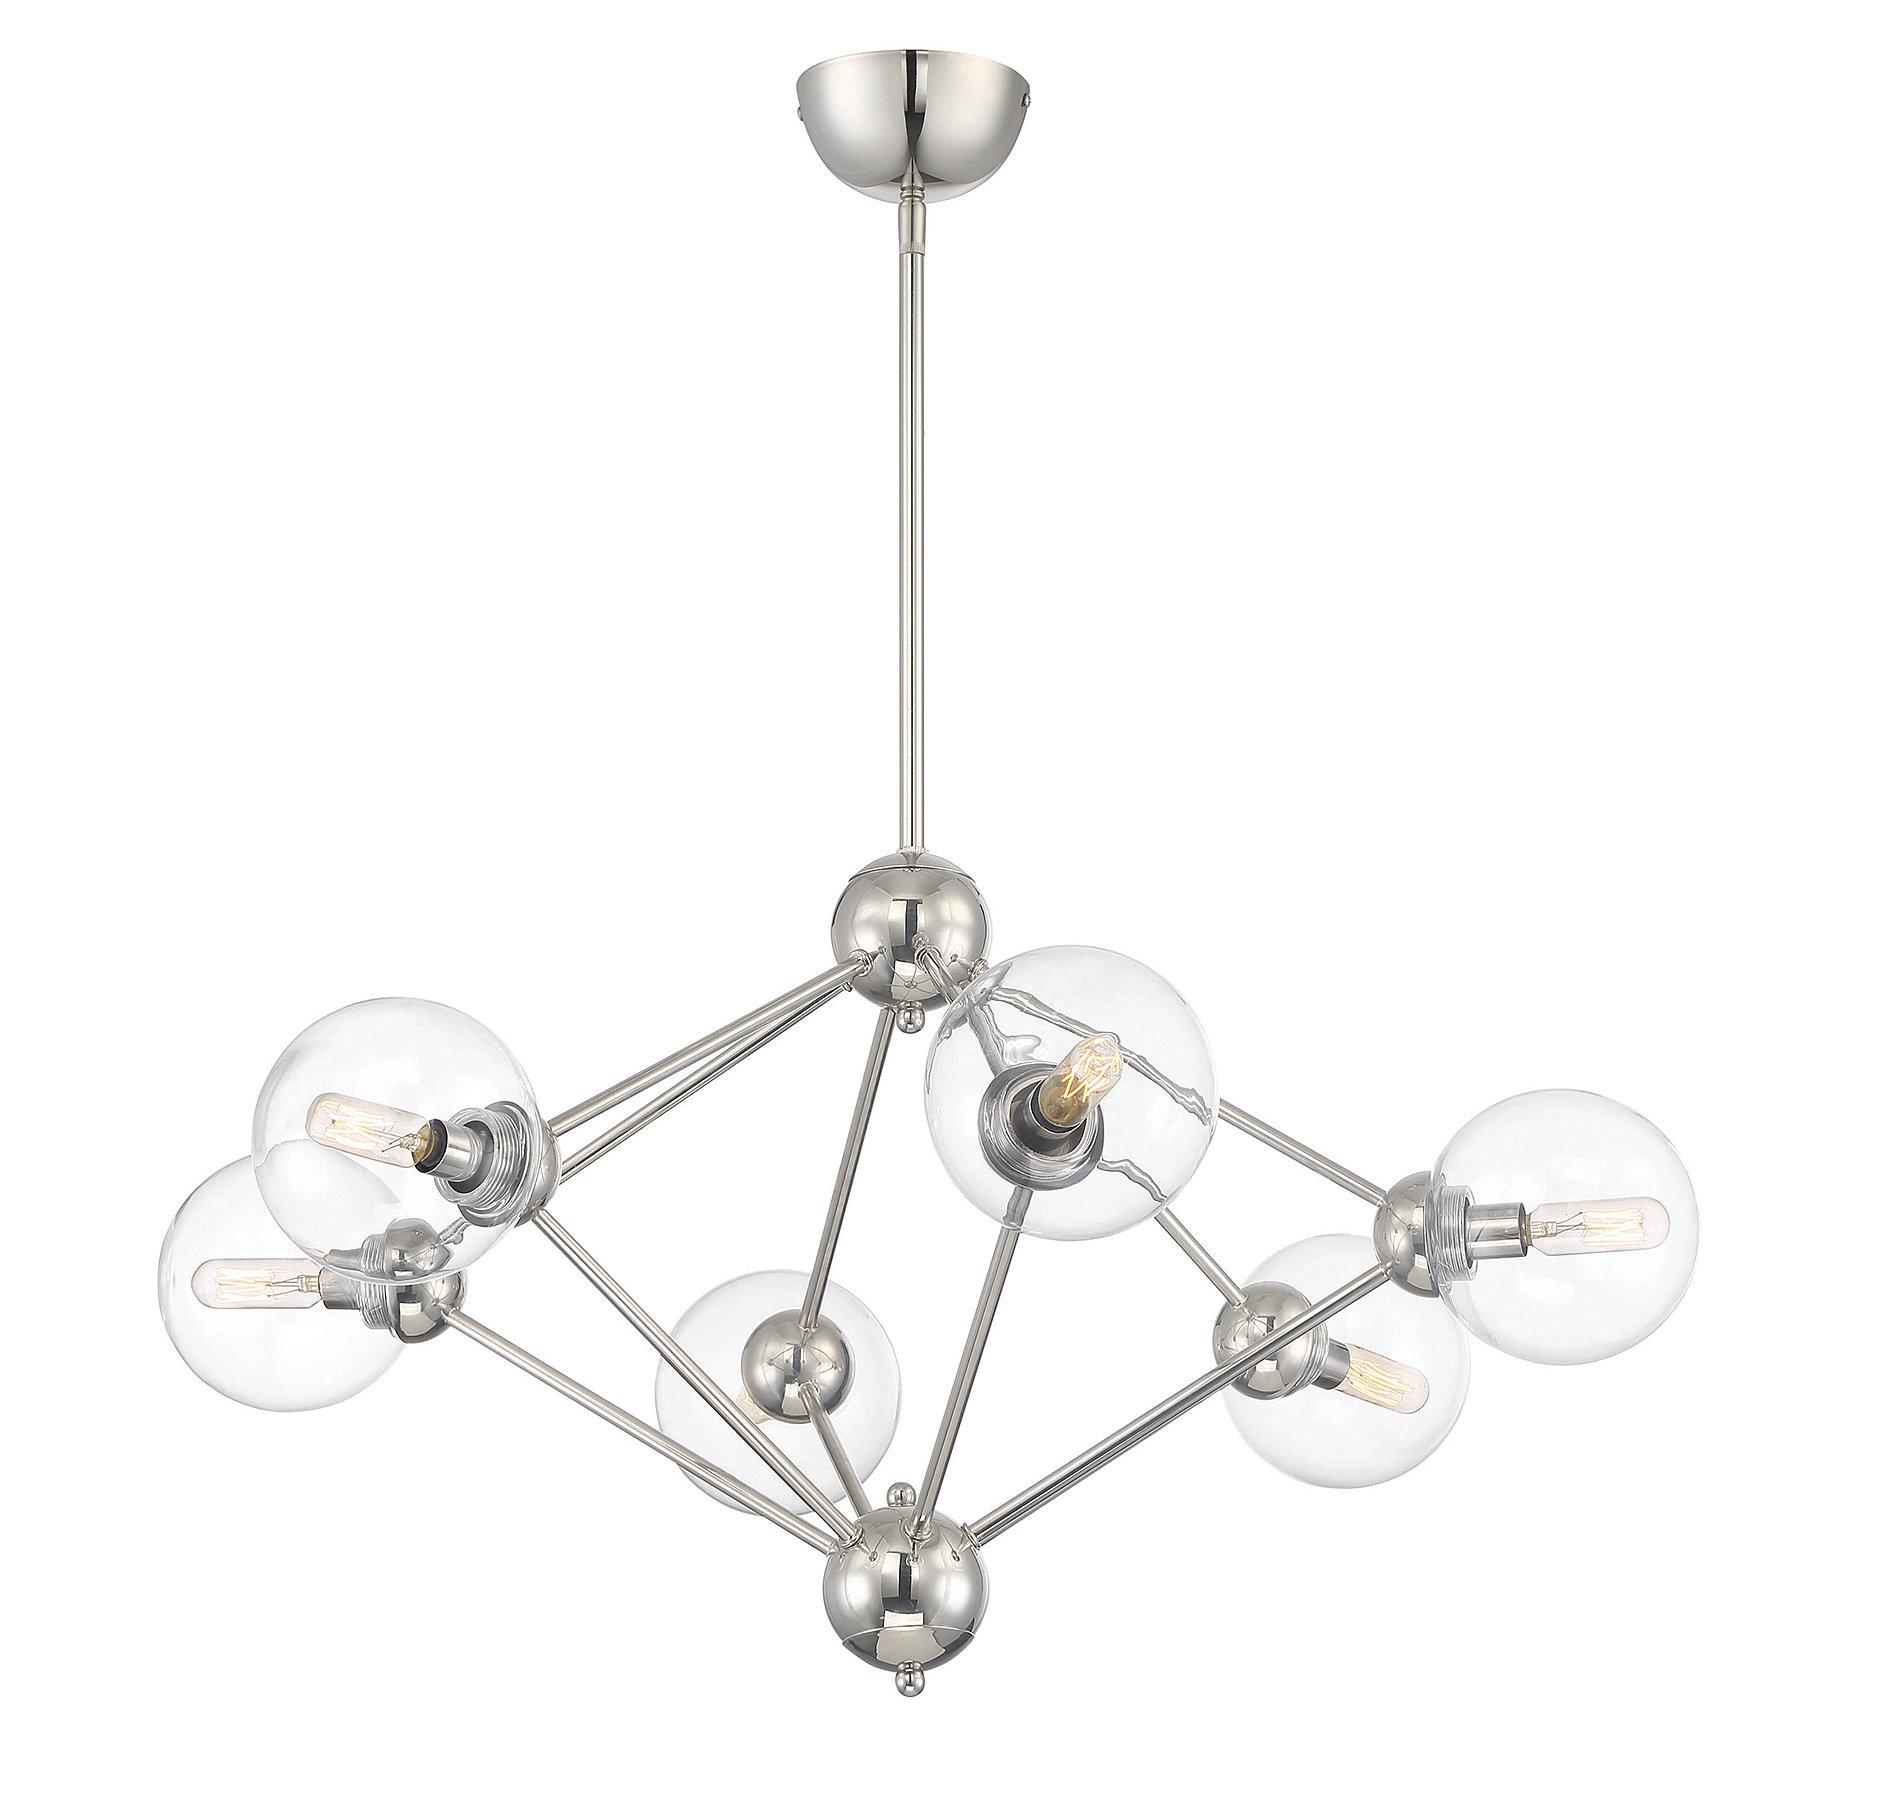 Valetta 6-Light Geometric Chandelier with regard to Johanne 6-Light Sputnik Chandeliers (Image 28 of 30)